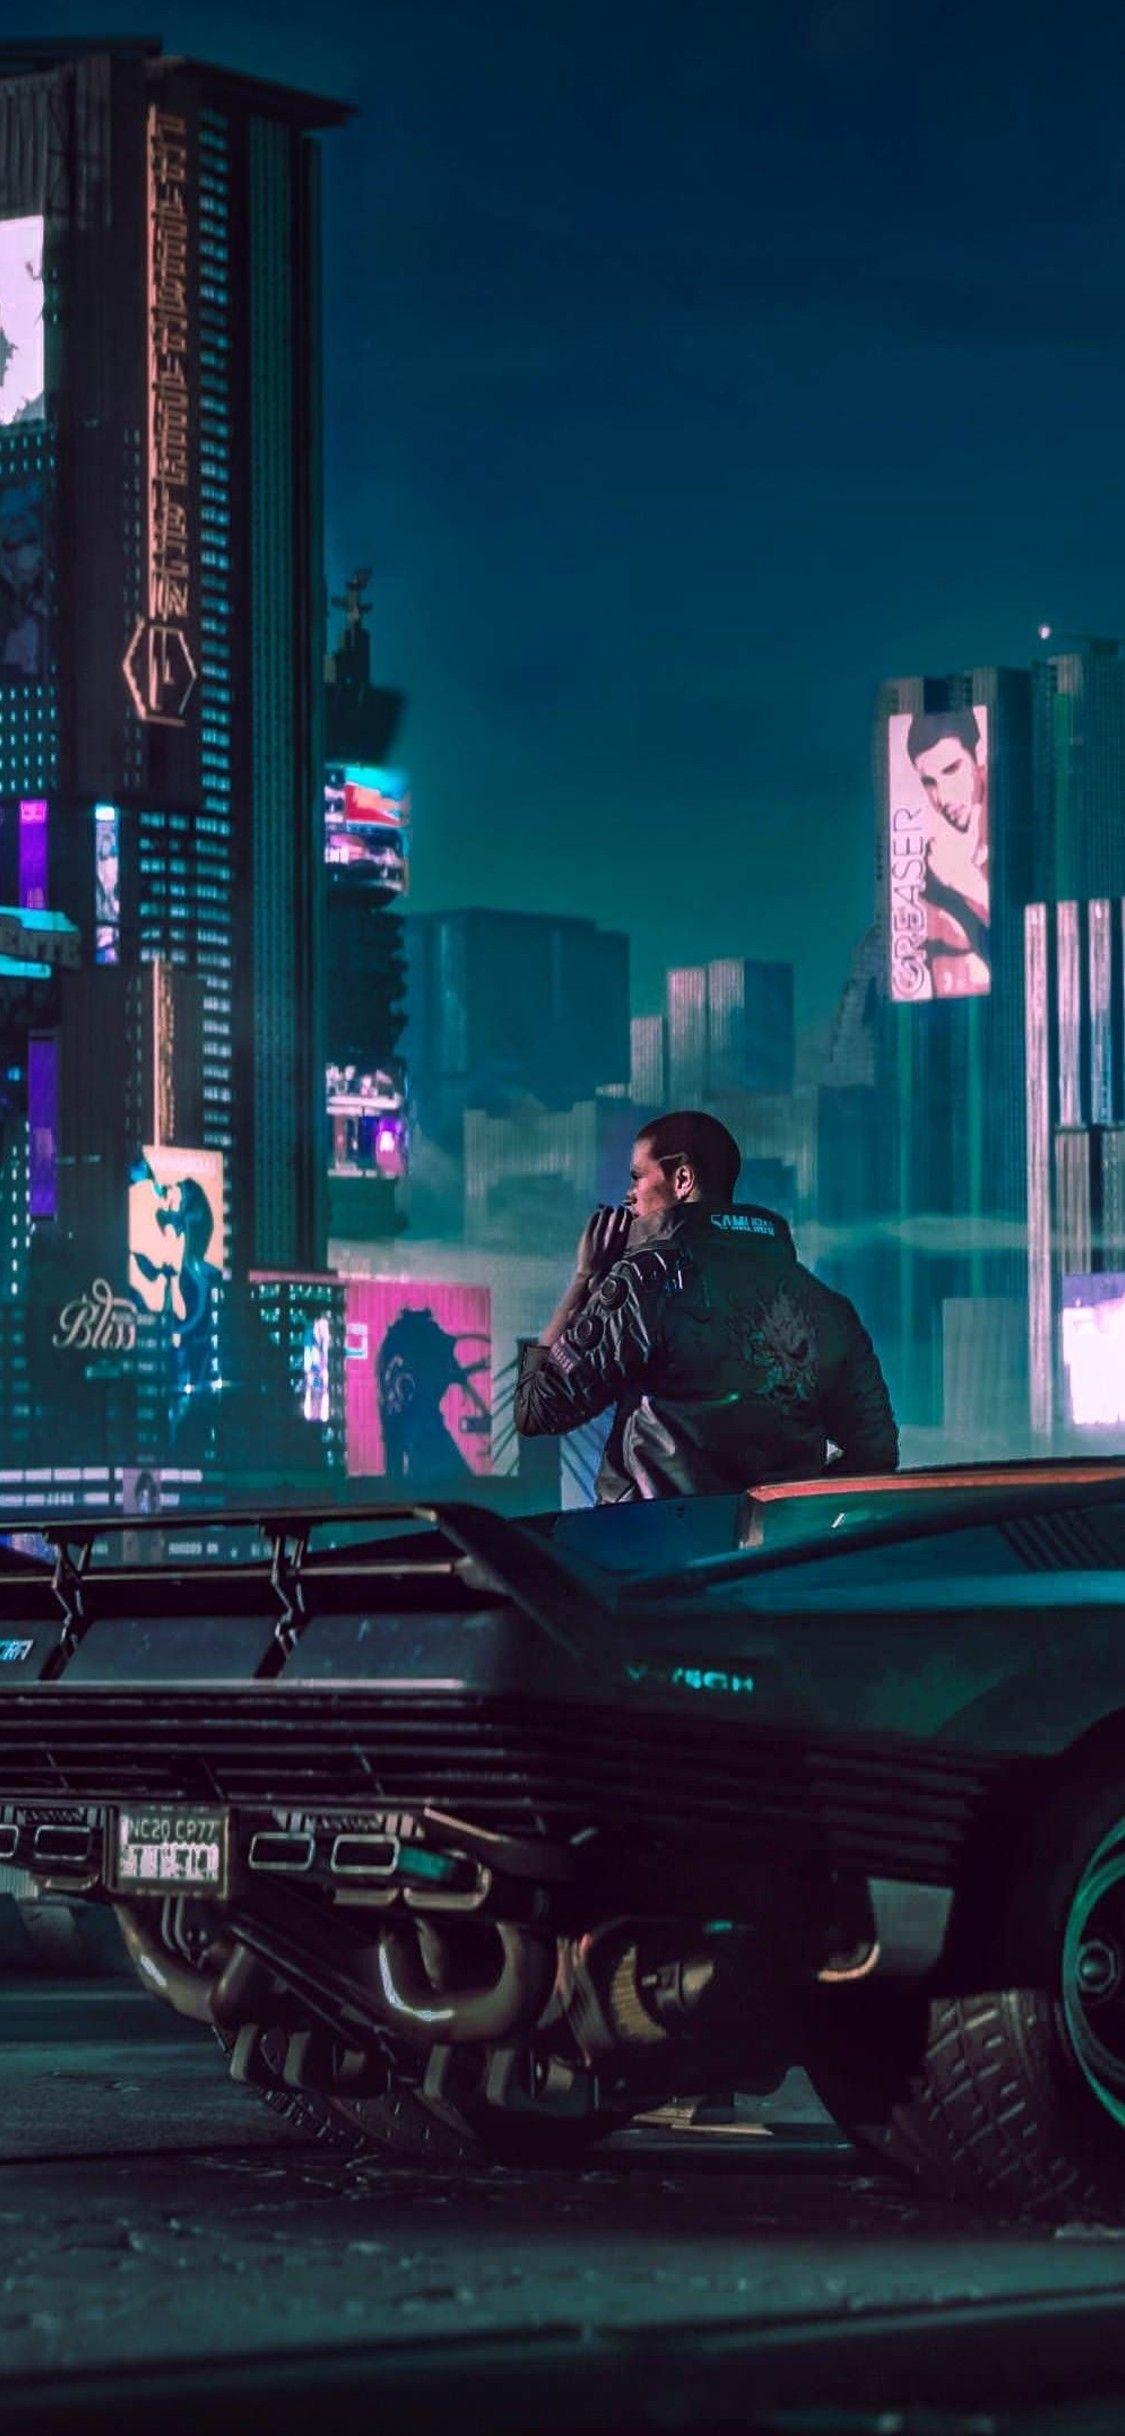 Cyberpunk 2077 Wallpaper Phone - 1125x2436 Wallpaper ...